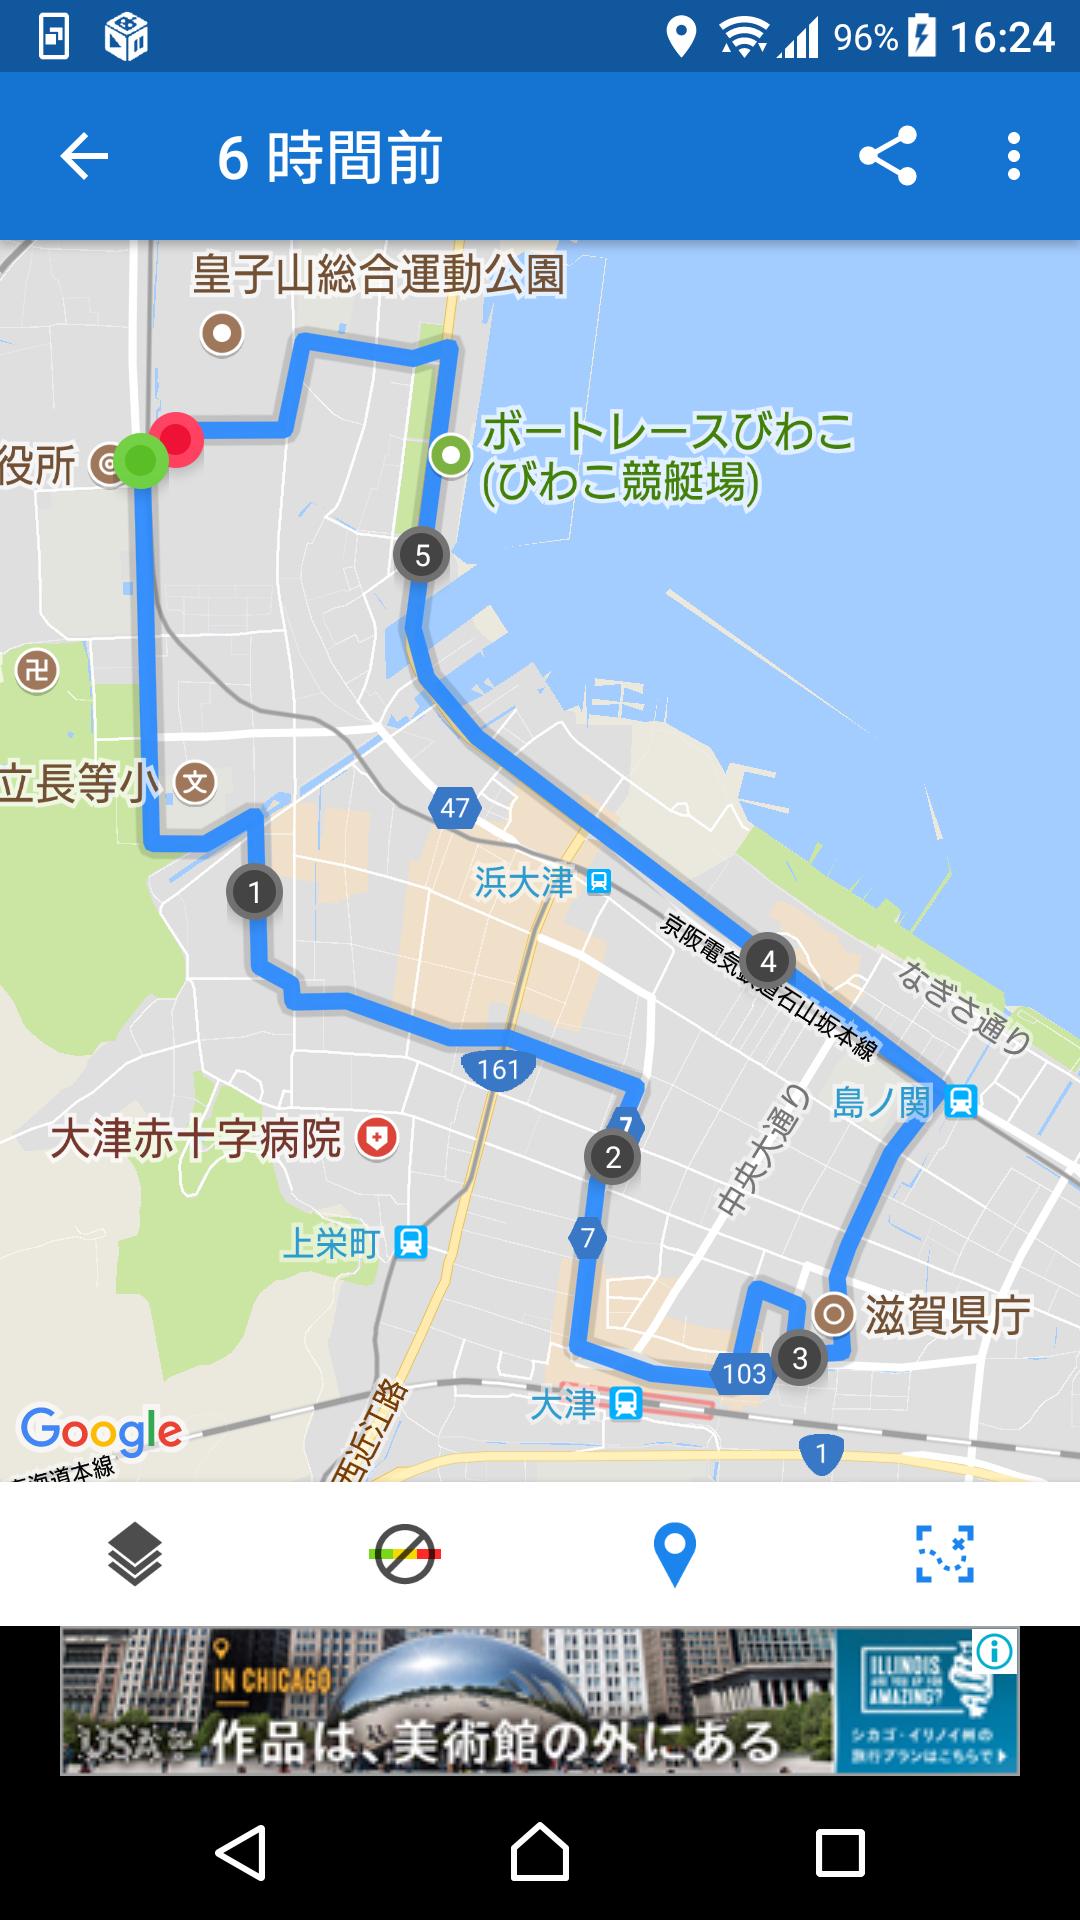 f:id:ynakayama27:20170731182518p:plain